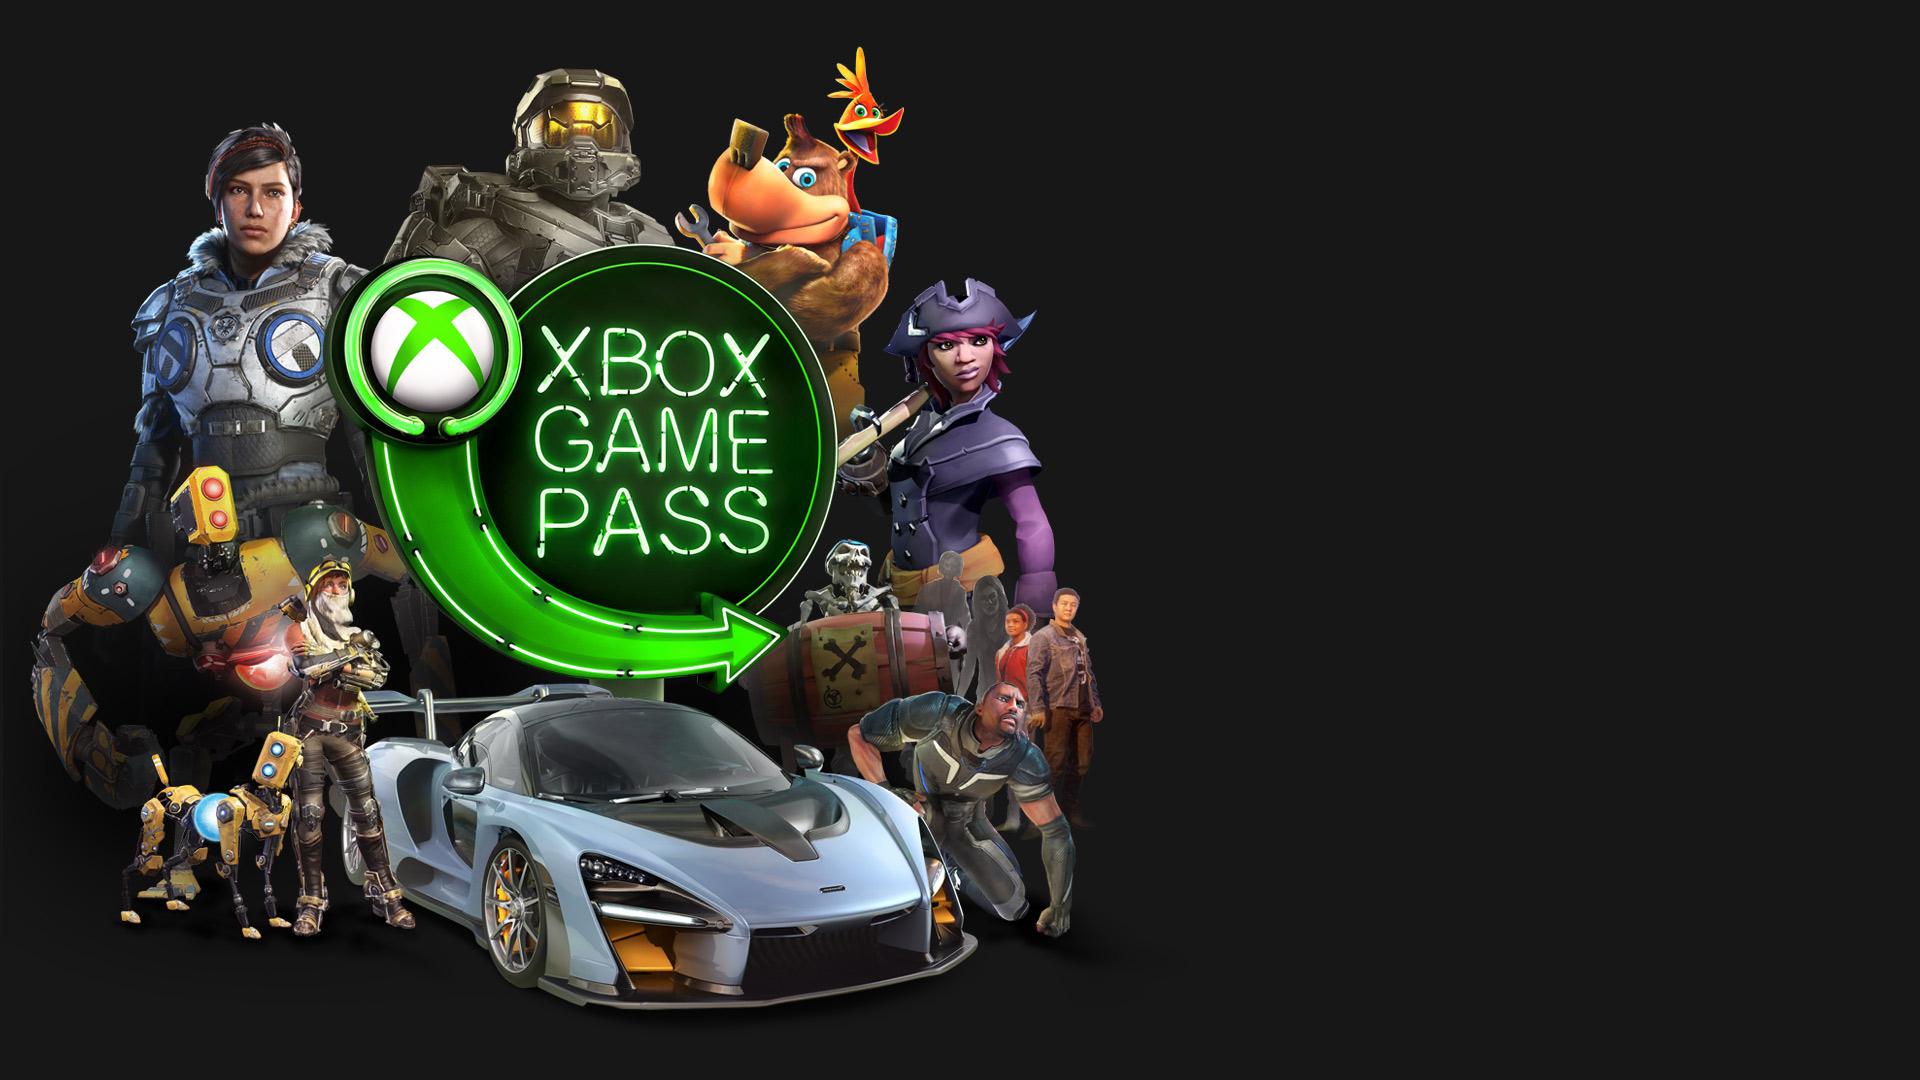 Forskjellige videospillkarakterer omgir Xbox Game Pass-logo i neongrønt